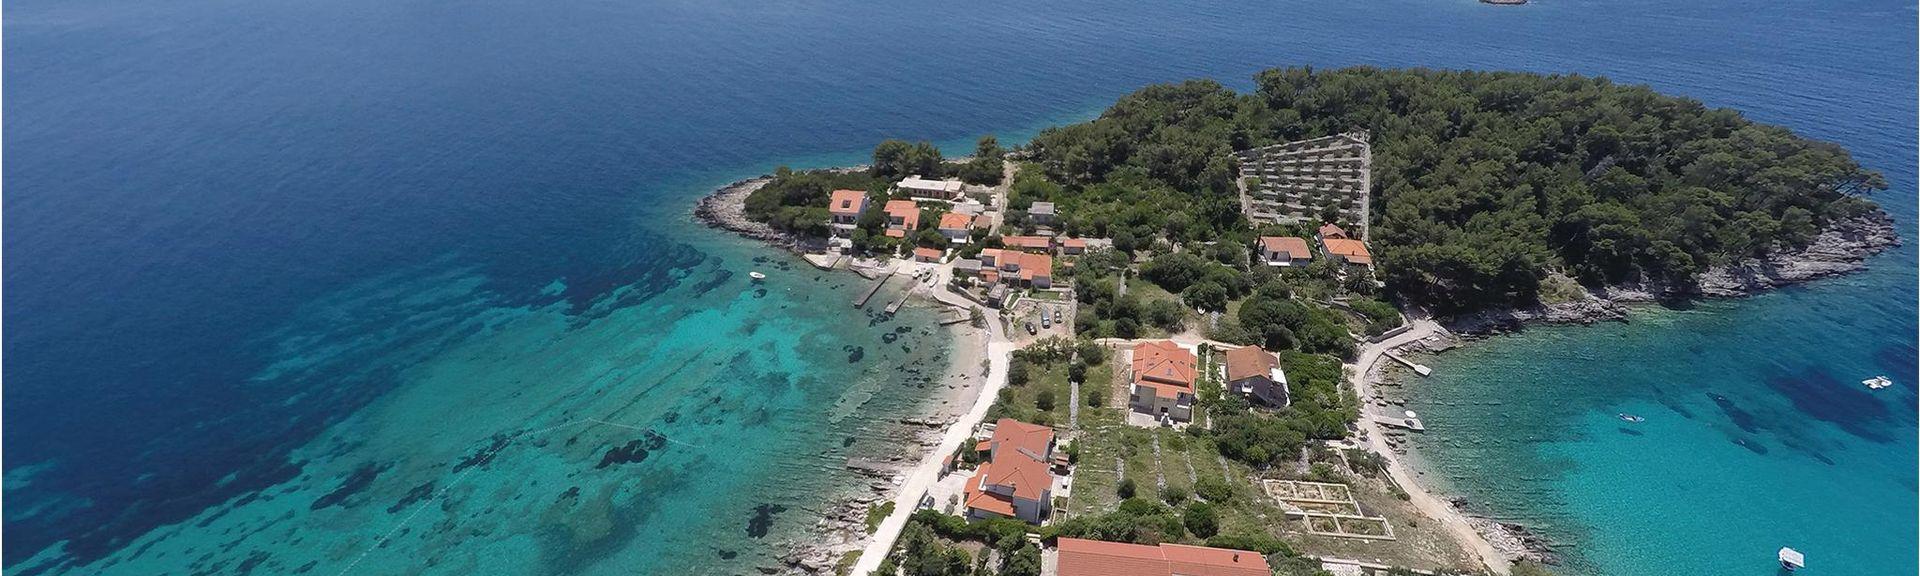 Potirna, Croatia